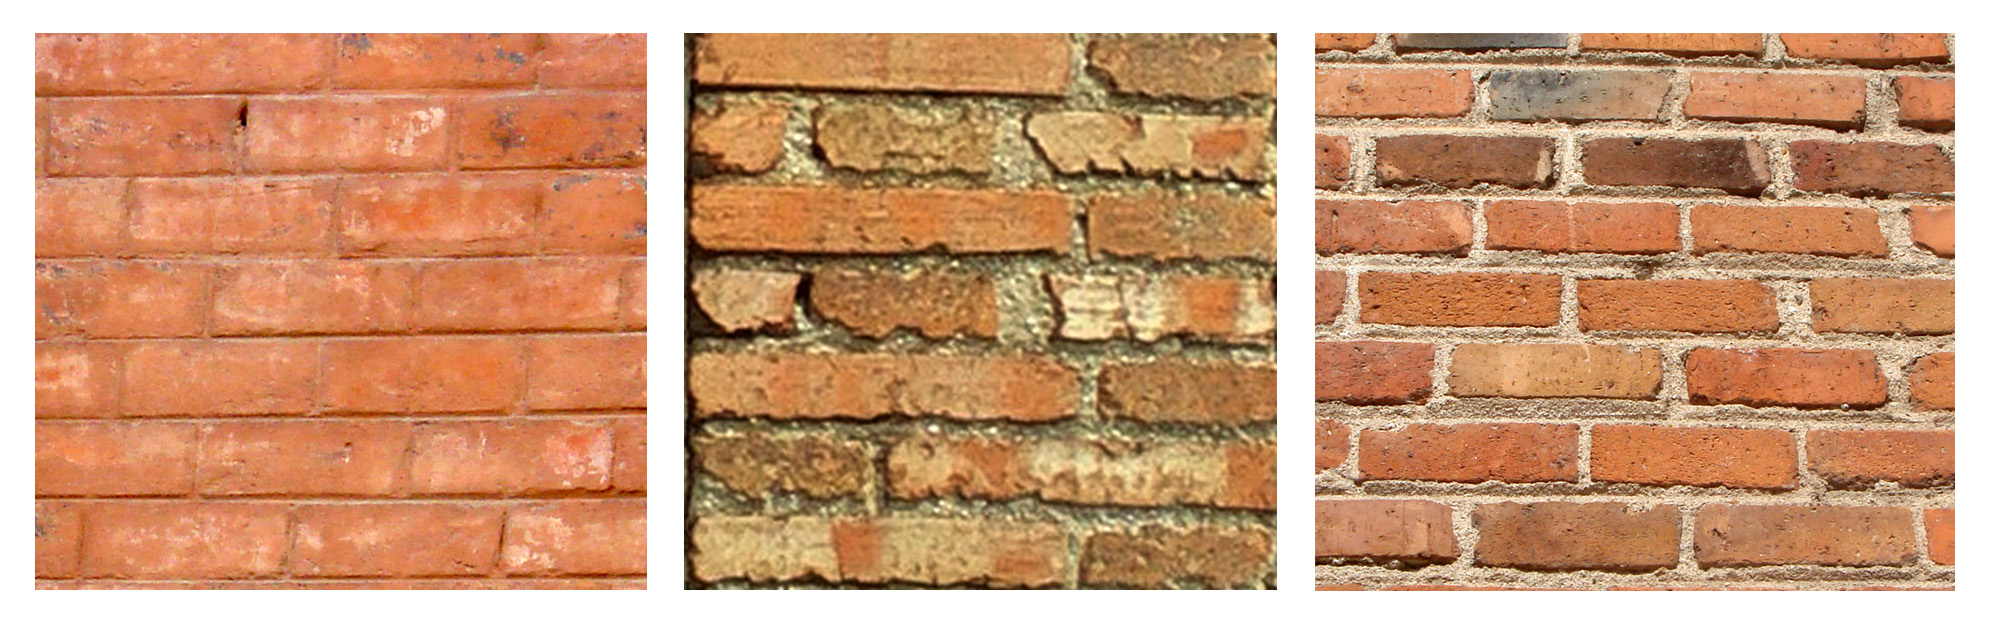 Tipos de ladrillos para fachadas good se procedi a - Tipos de ladrillos ...